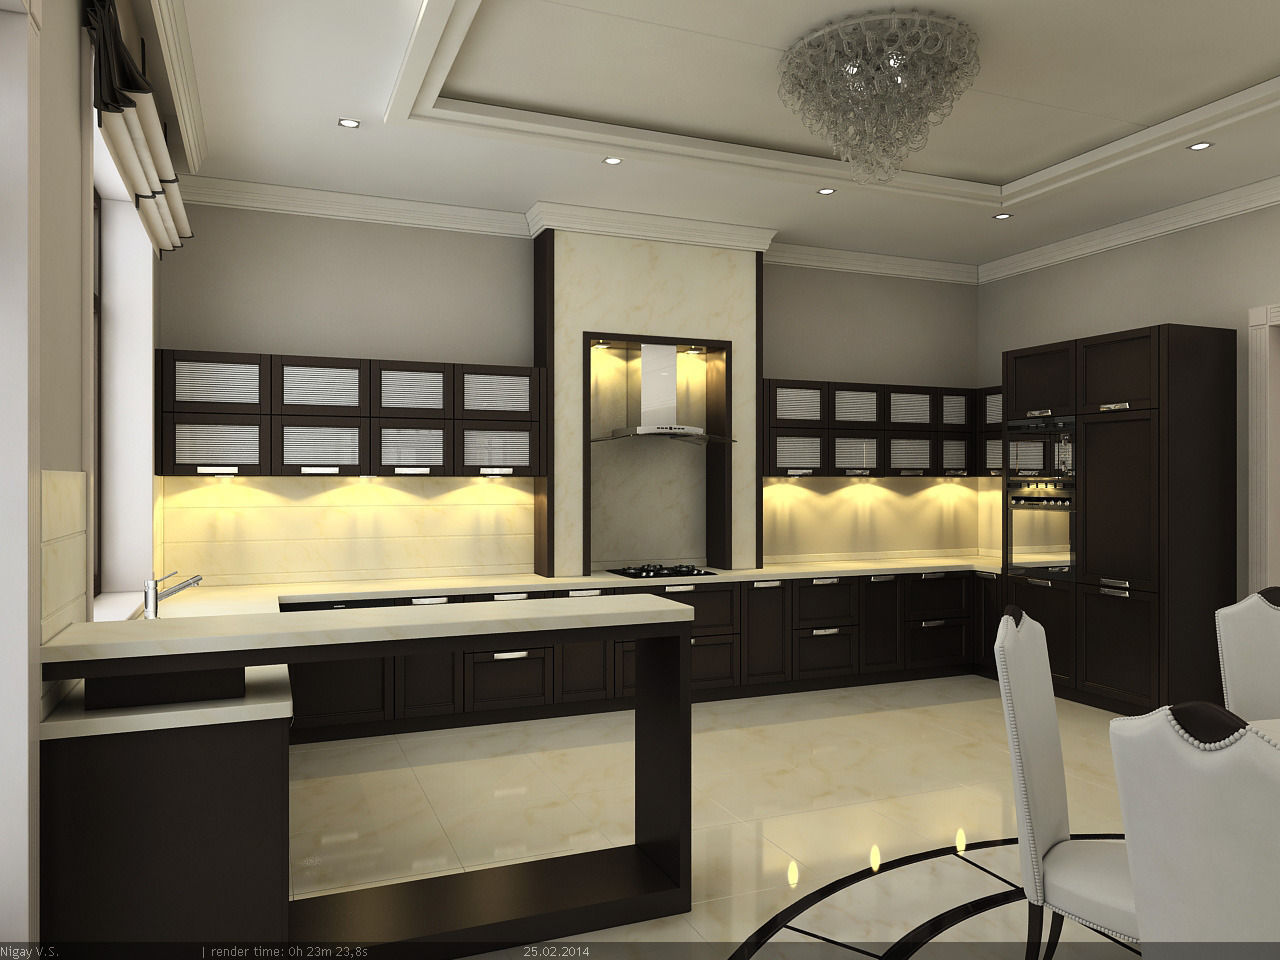 Interior scene project 3 kitchen dinni 3d model max for Dining room 3d max interior scenes